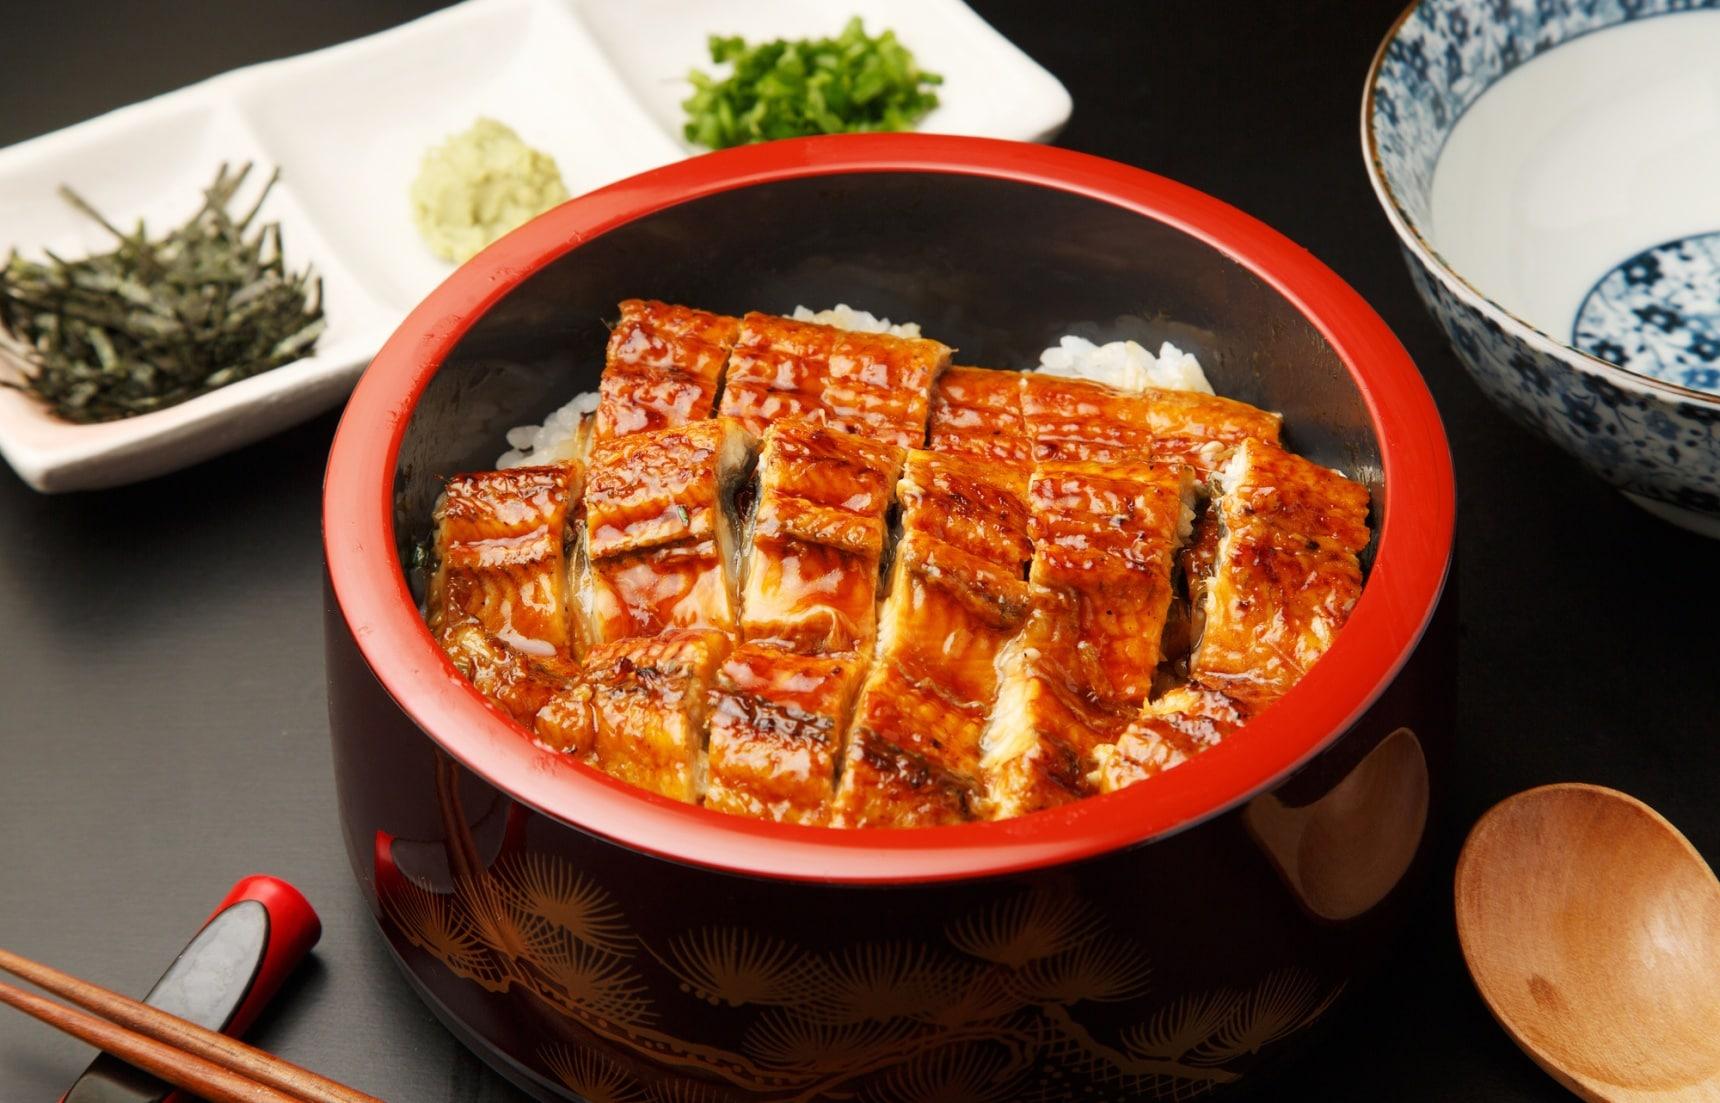 5 อาหารขึ้นชื่อของเมืองนาโกย่า